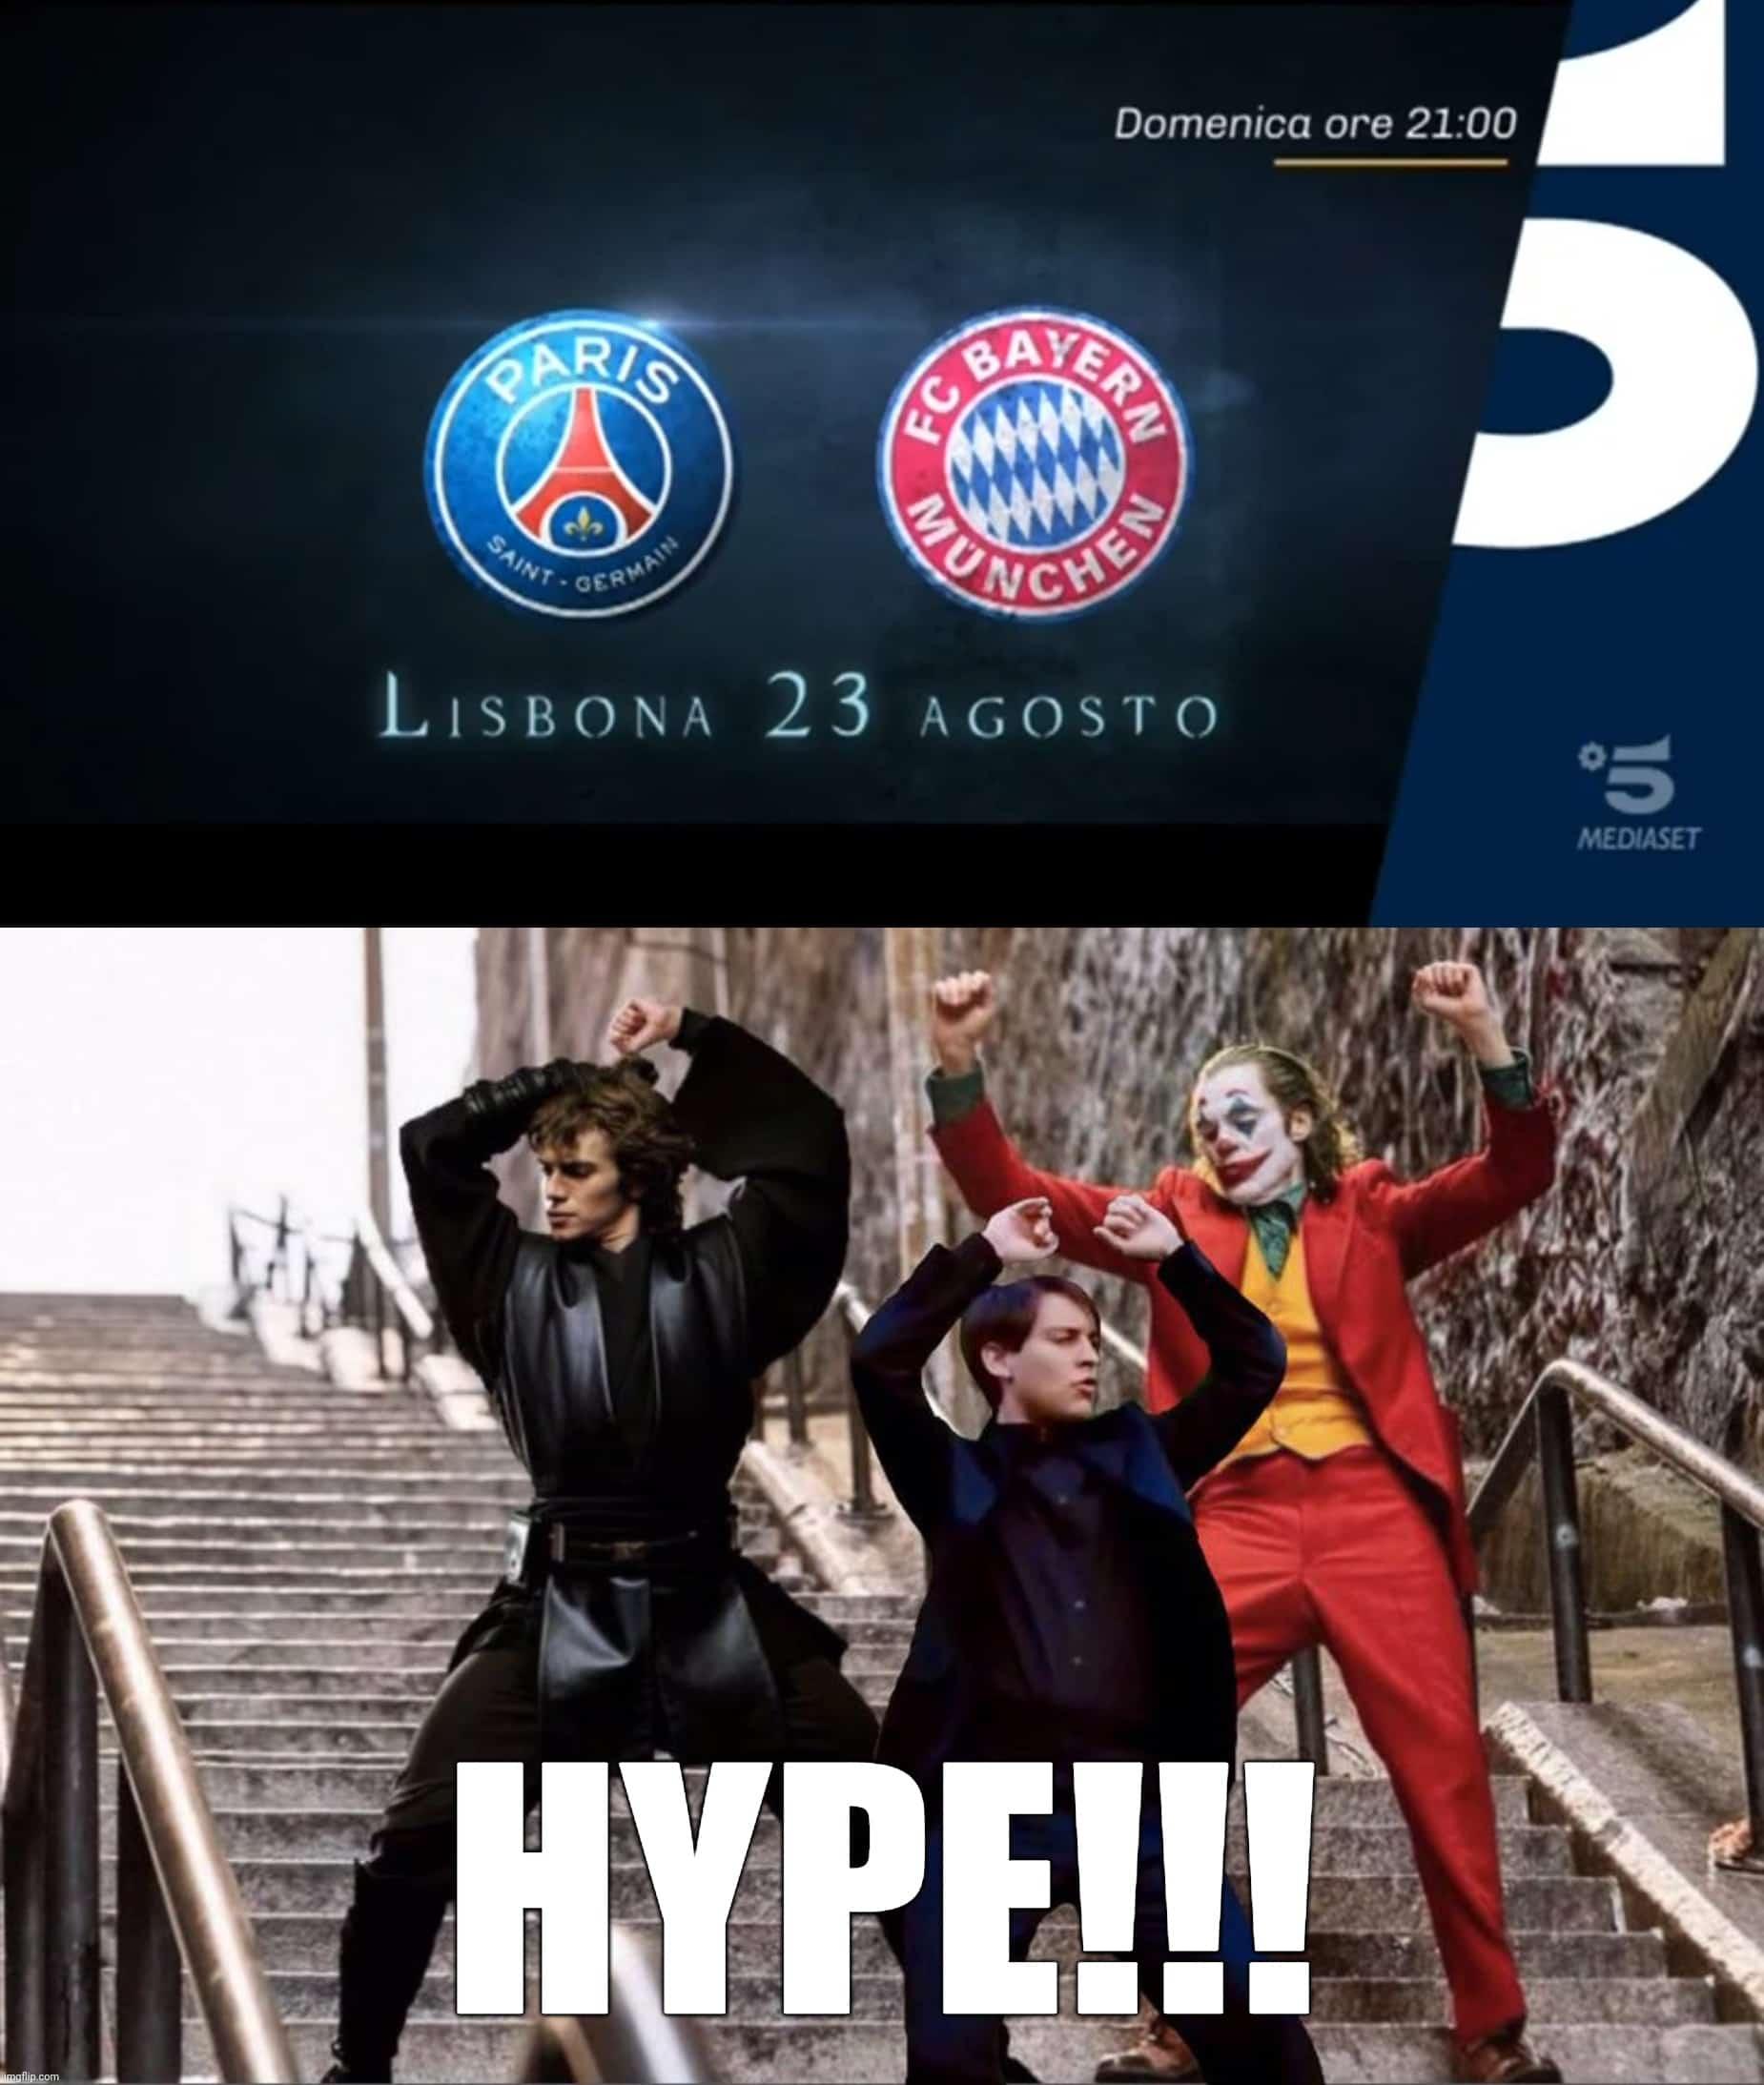 Champions League Final Memes 18